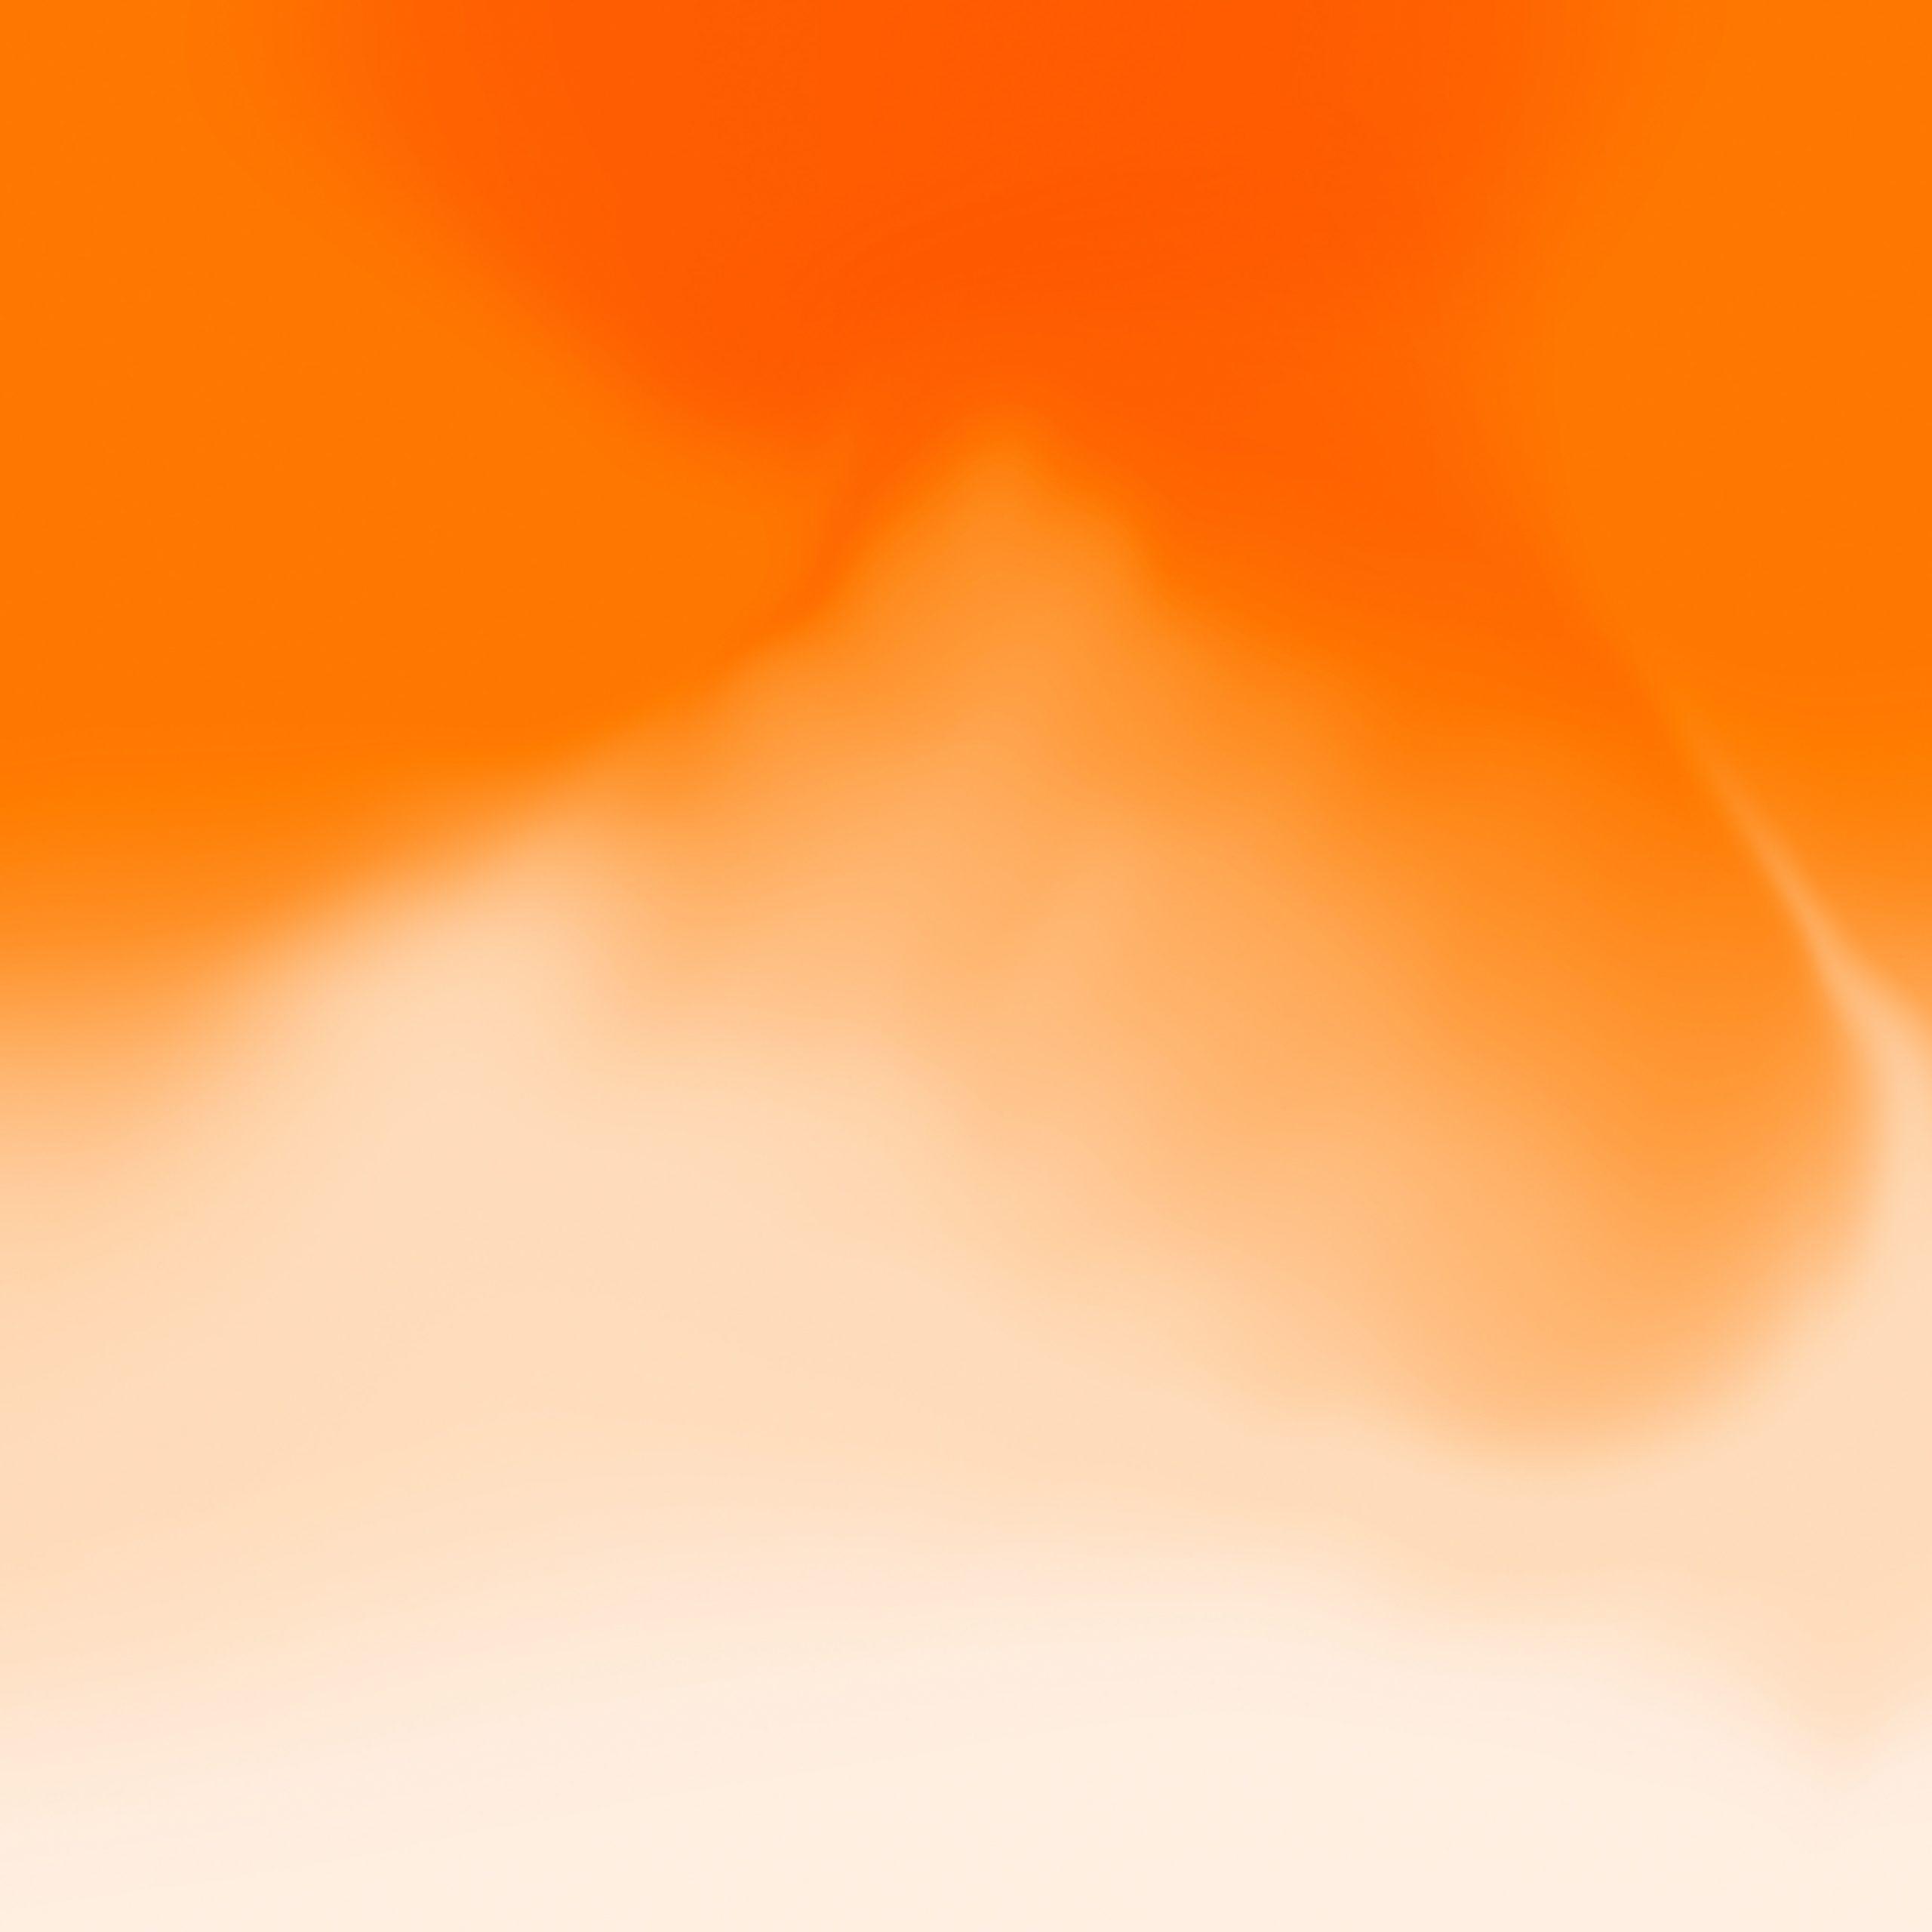 orange screen